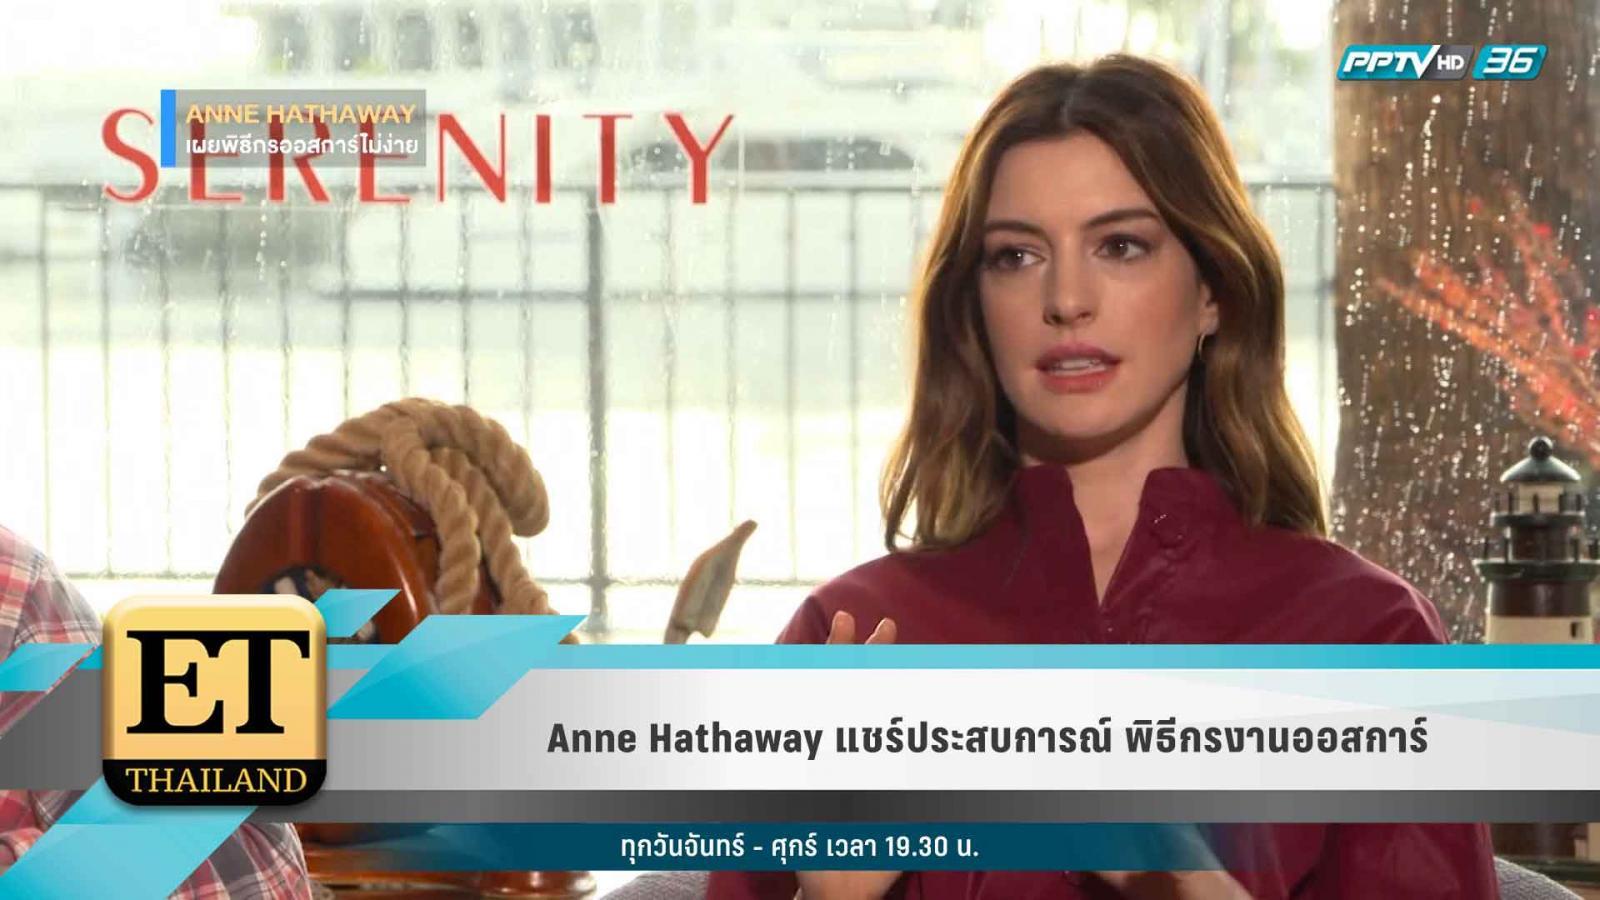 Anne Hathaway แชร์ประสบการณ์ พิธีกรงานออสการ์